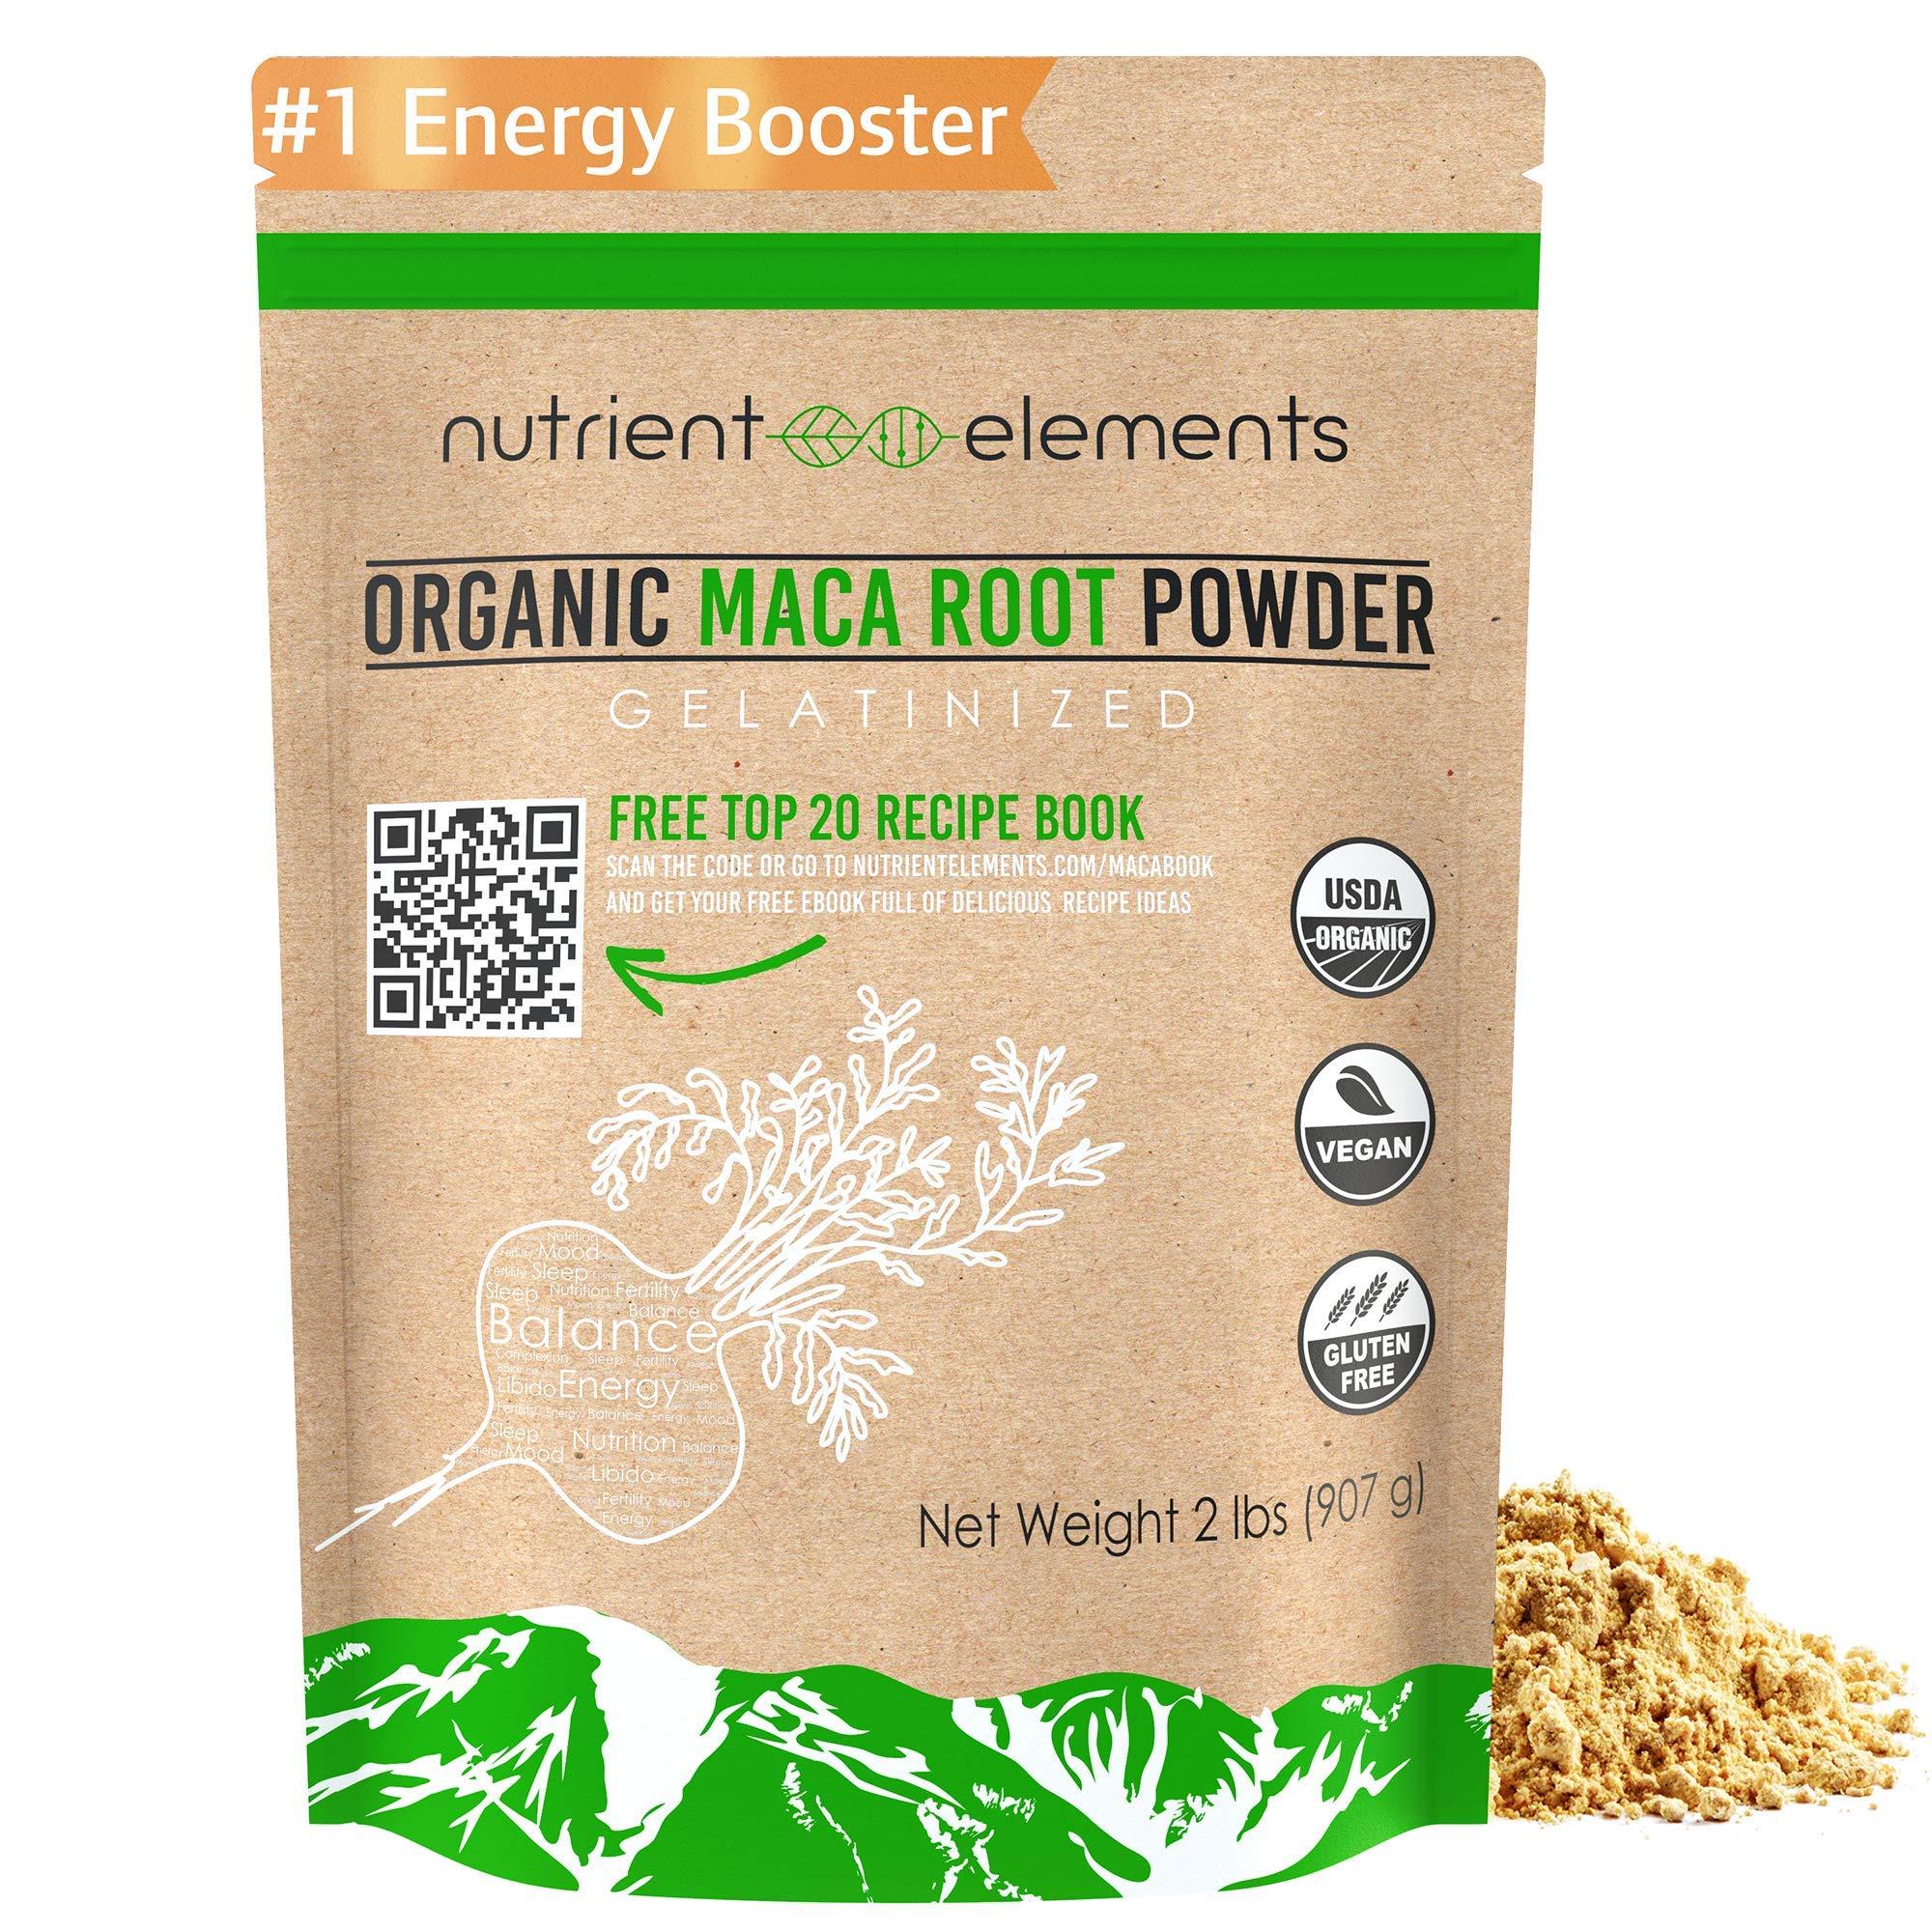 Premium Organic and Raw Maca Root Powder - 2 lbs - USDA